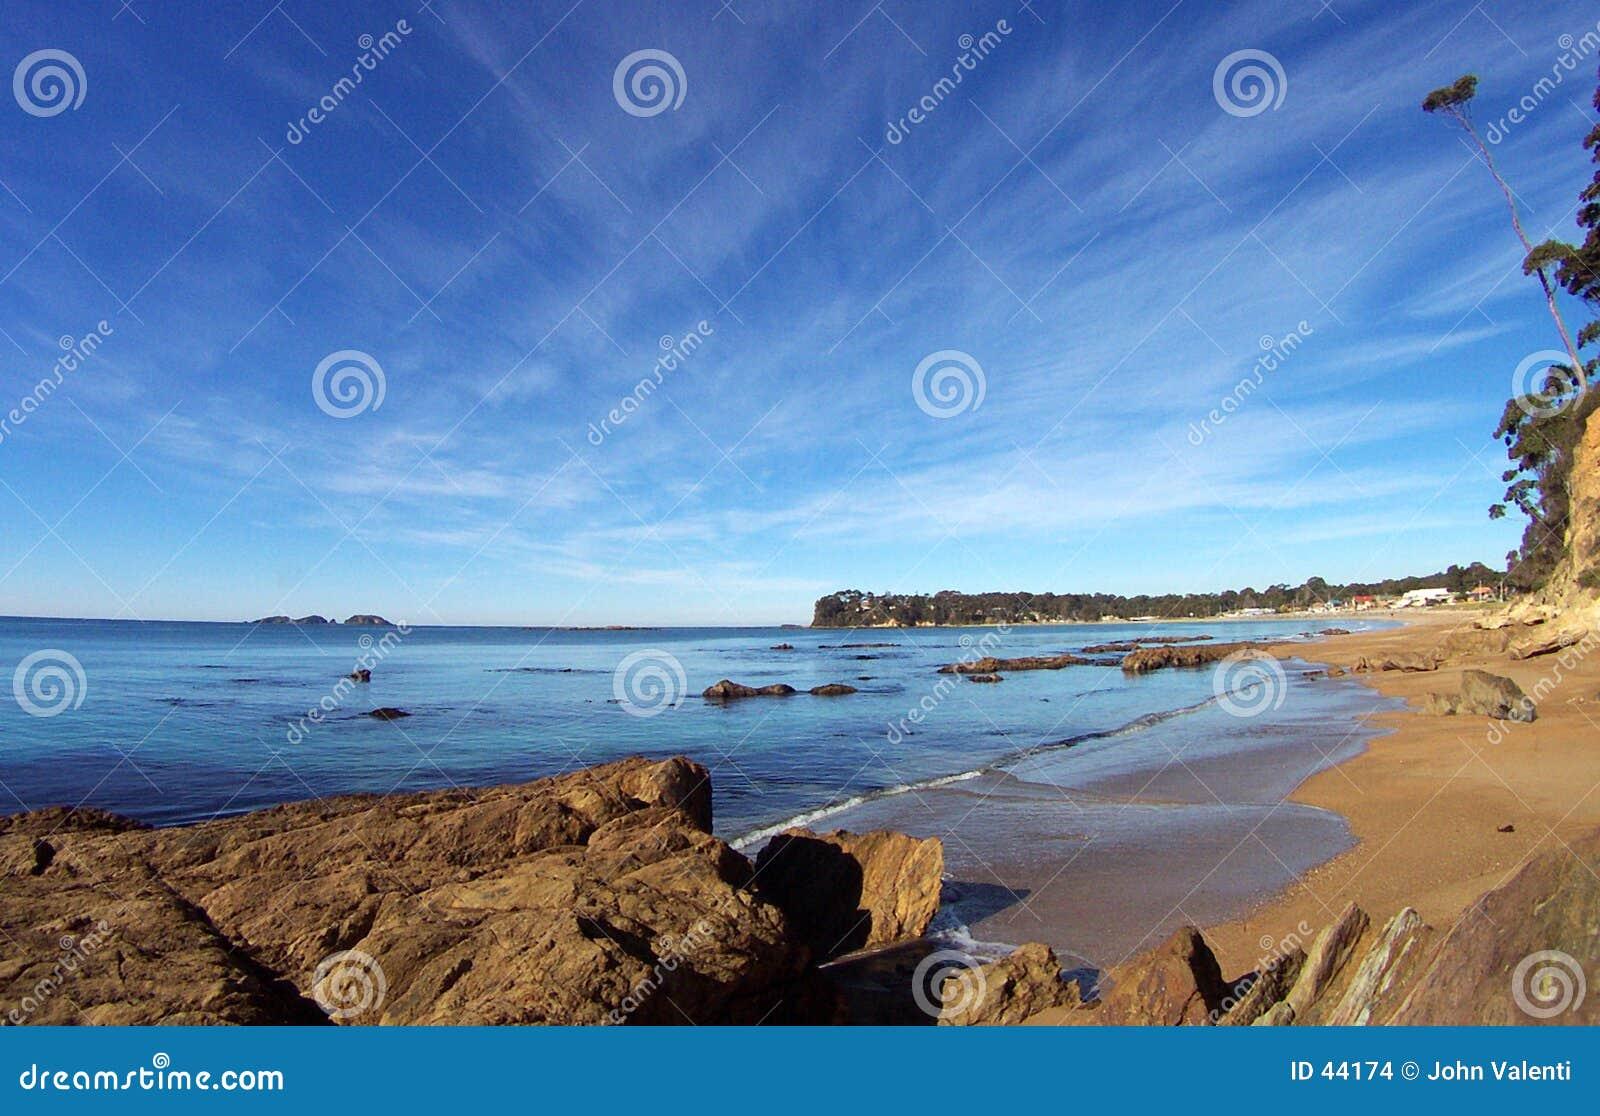 Download Playa australiana foto de archivo. Imagen de rocas, horizonte - 44174